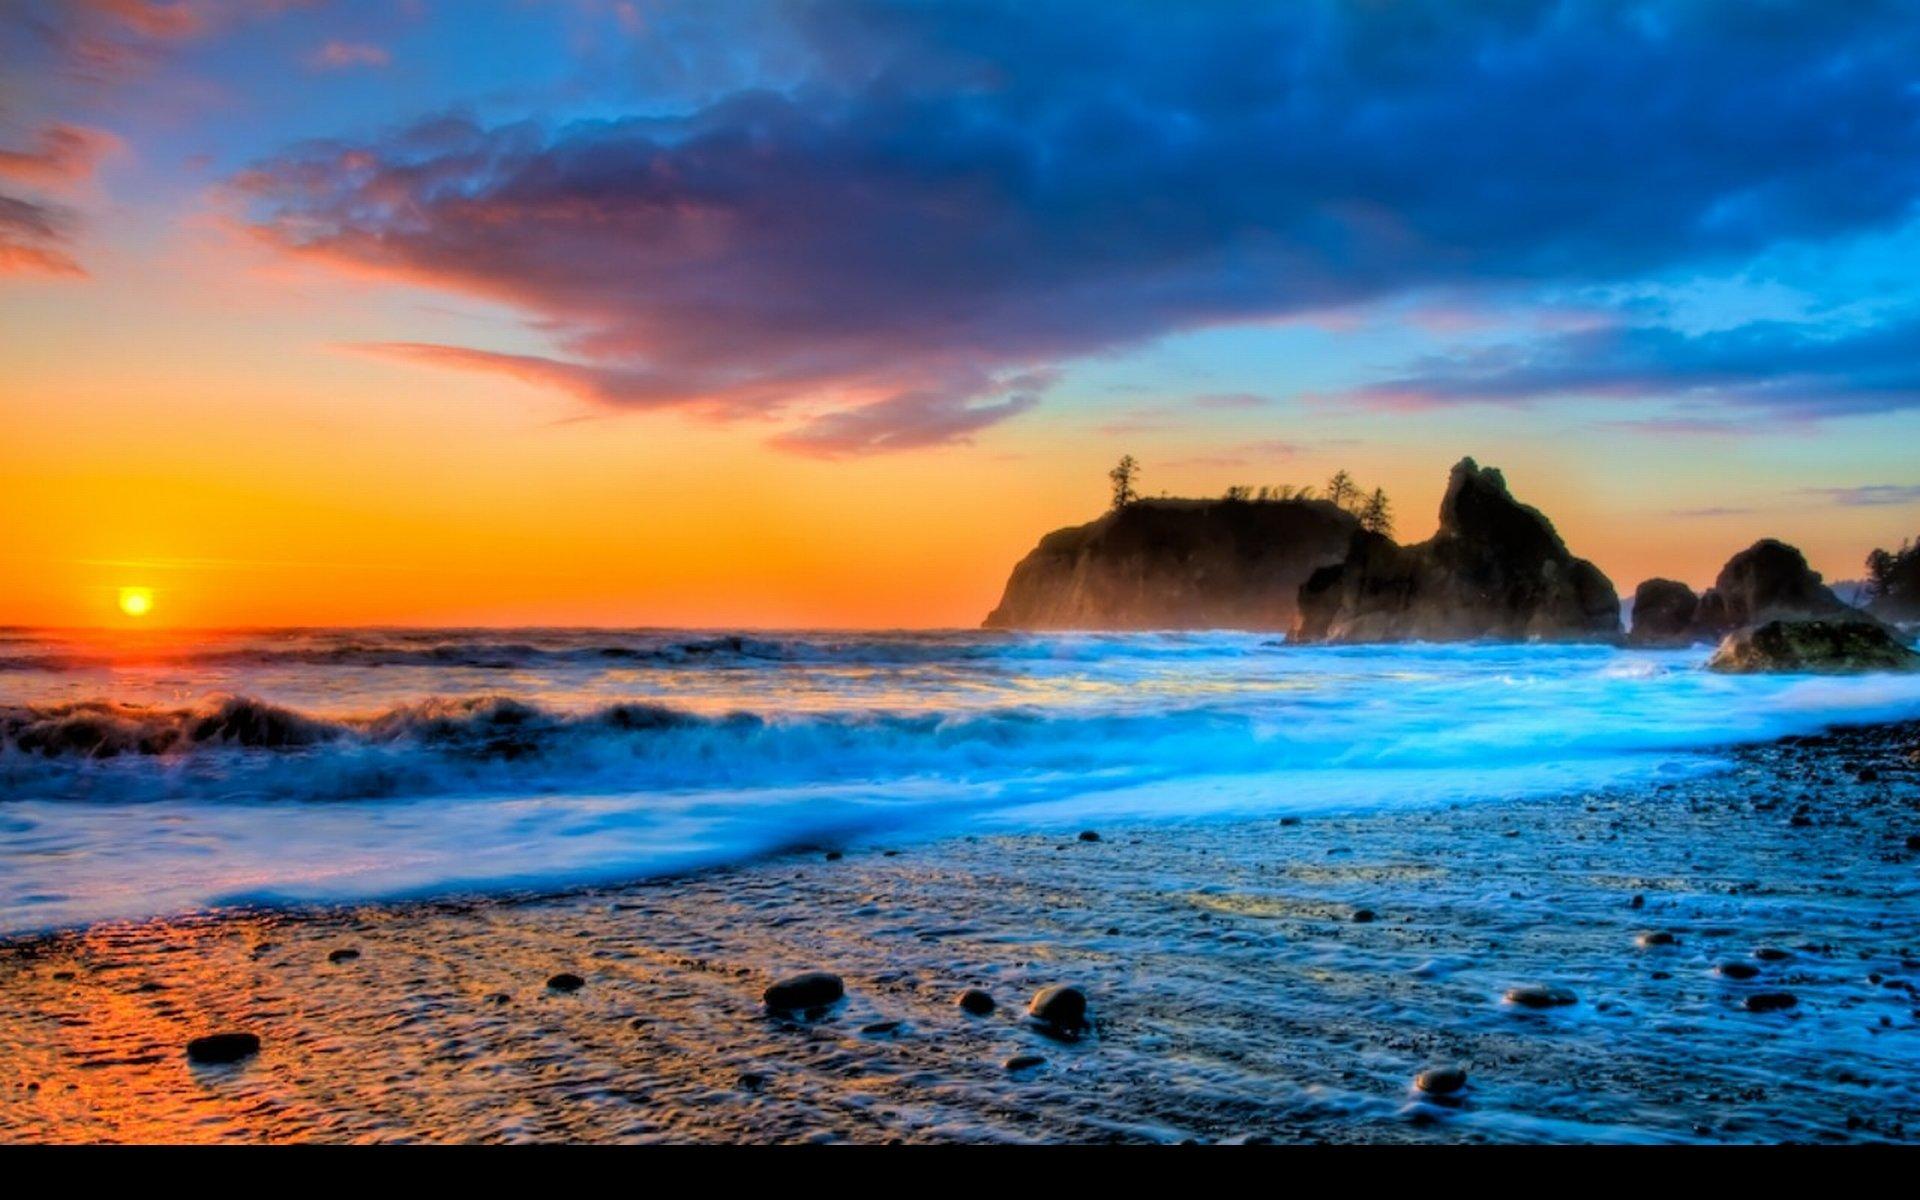 Sunset Beach Wallpaper HD Widescreen 1920x1200